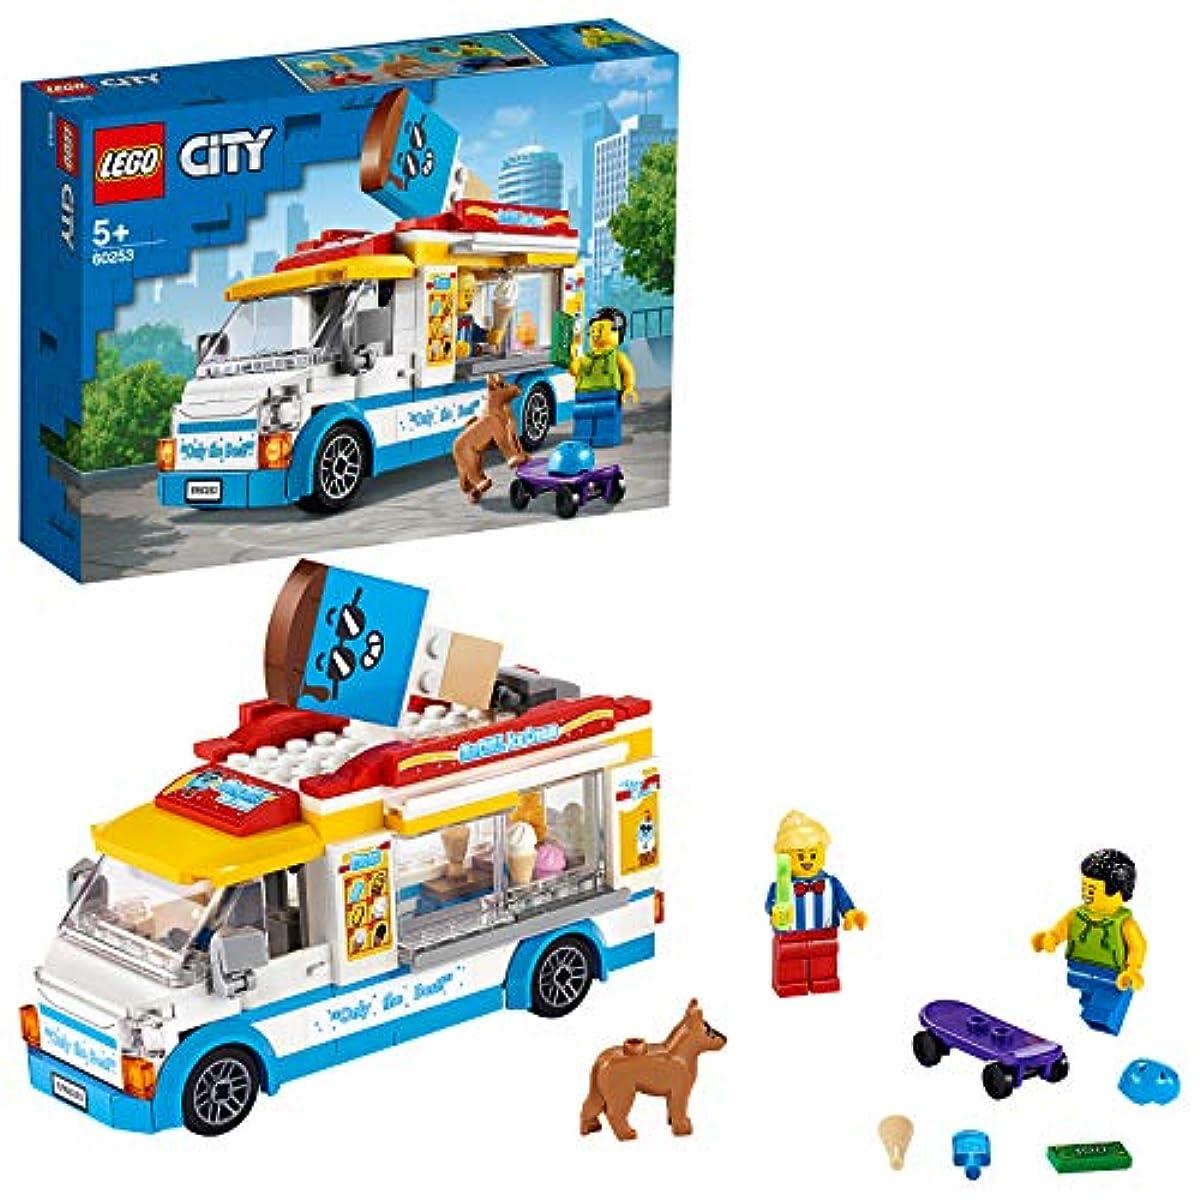 [해외] 레고(LEGO) 씨티 아이스크림 웨건 60253